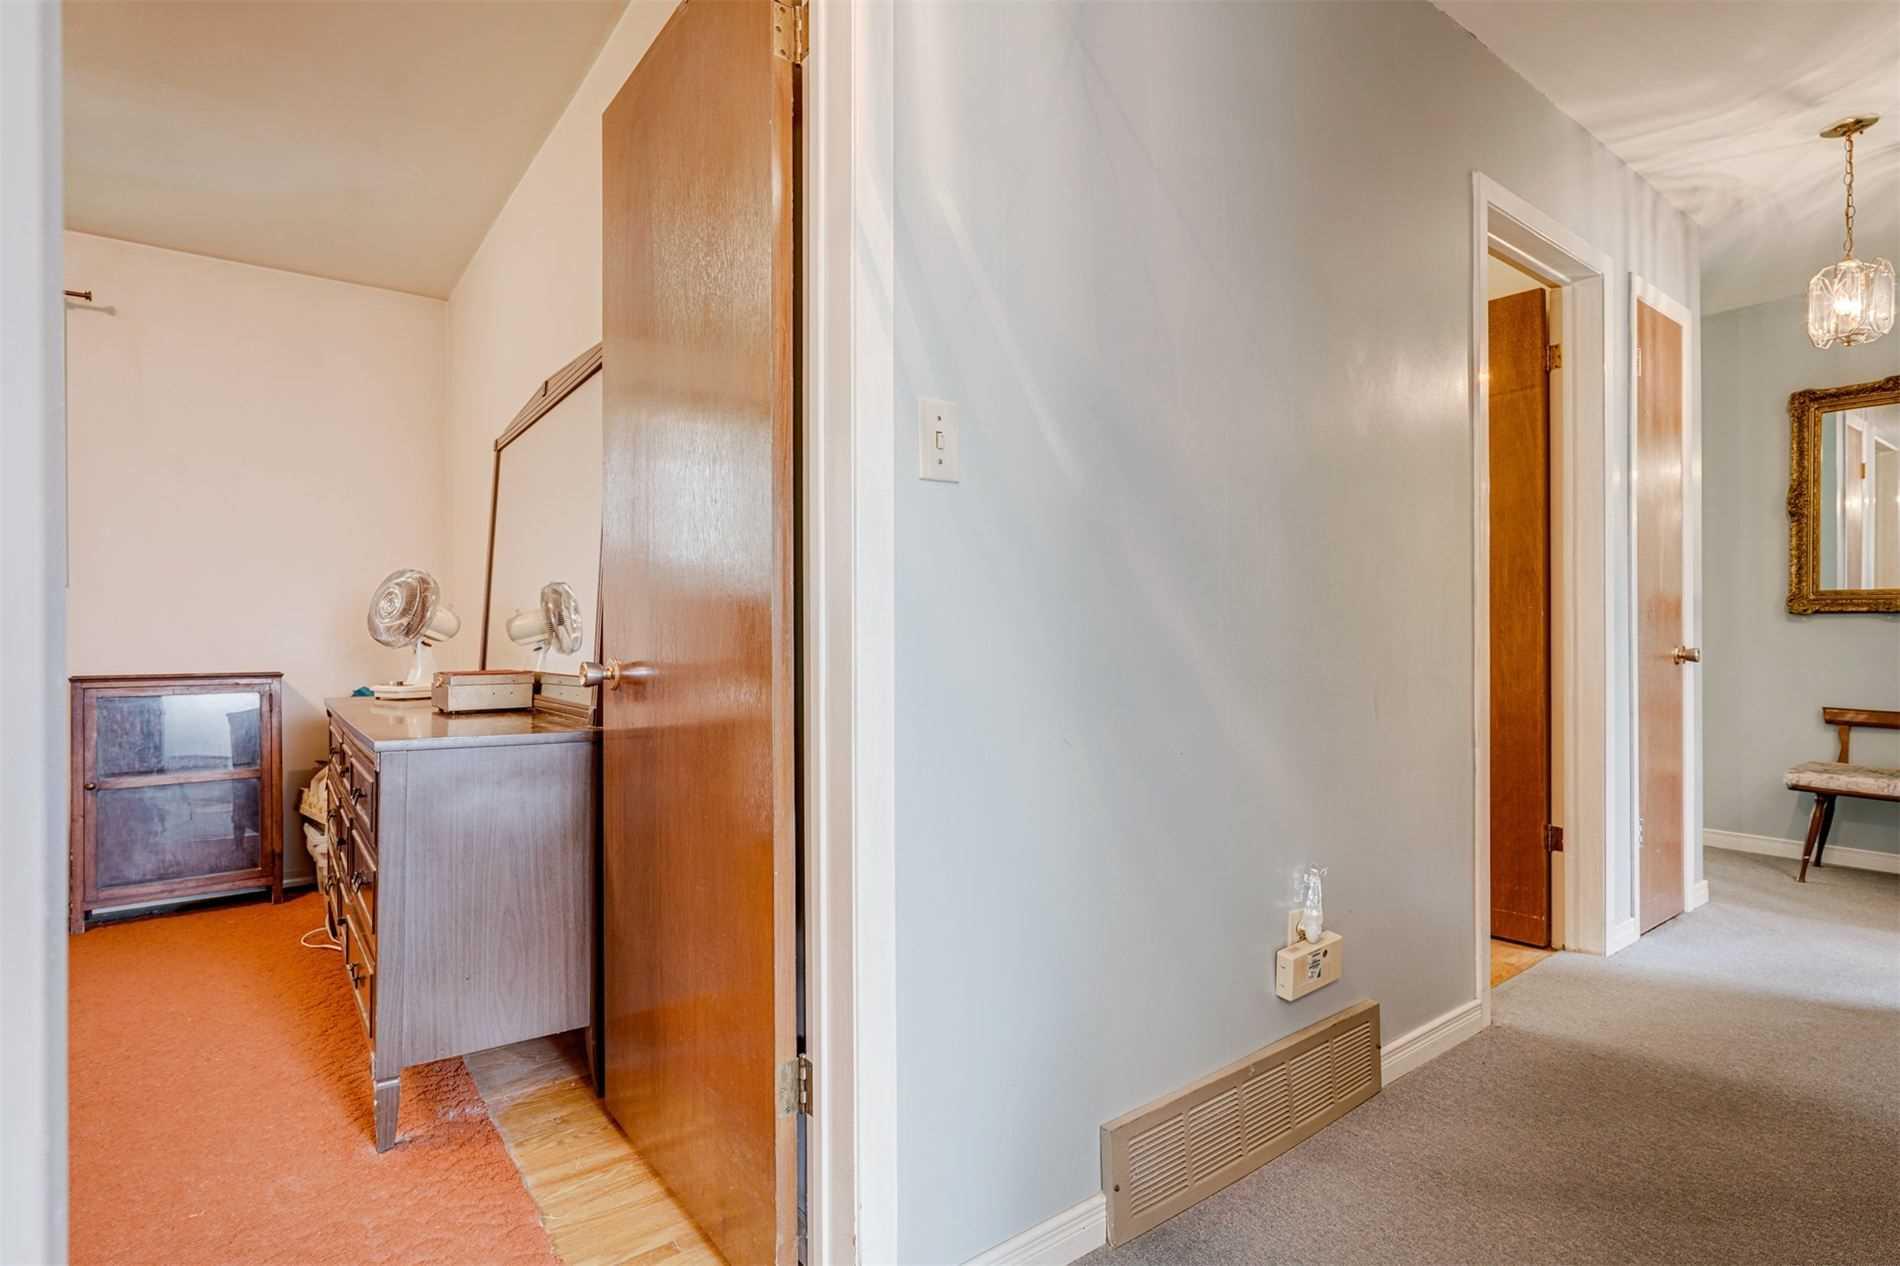 4189 Brock Rd - Uxbridge Detached for sale, 3 Bedrooms (N5311768) - #20